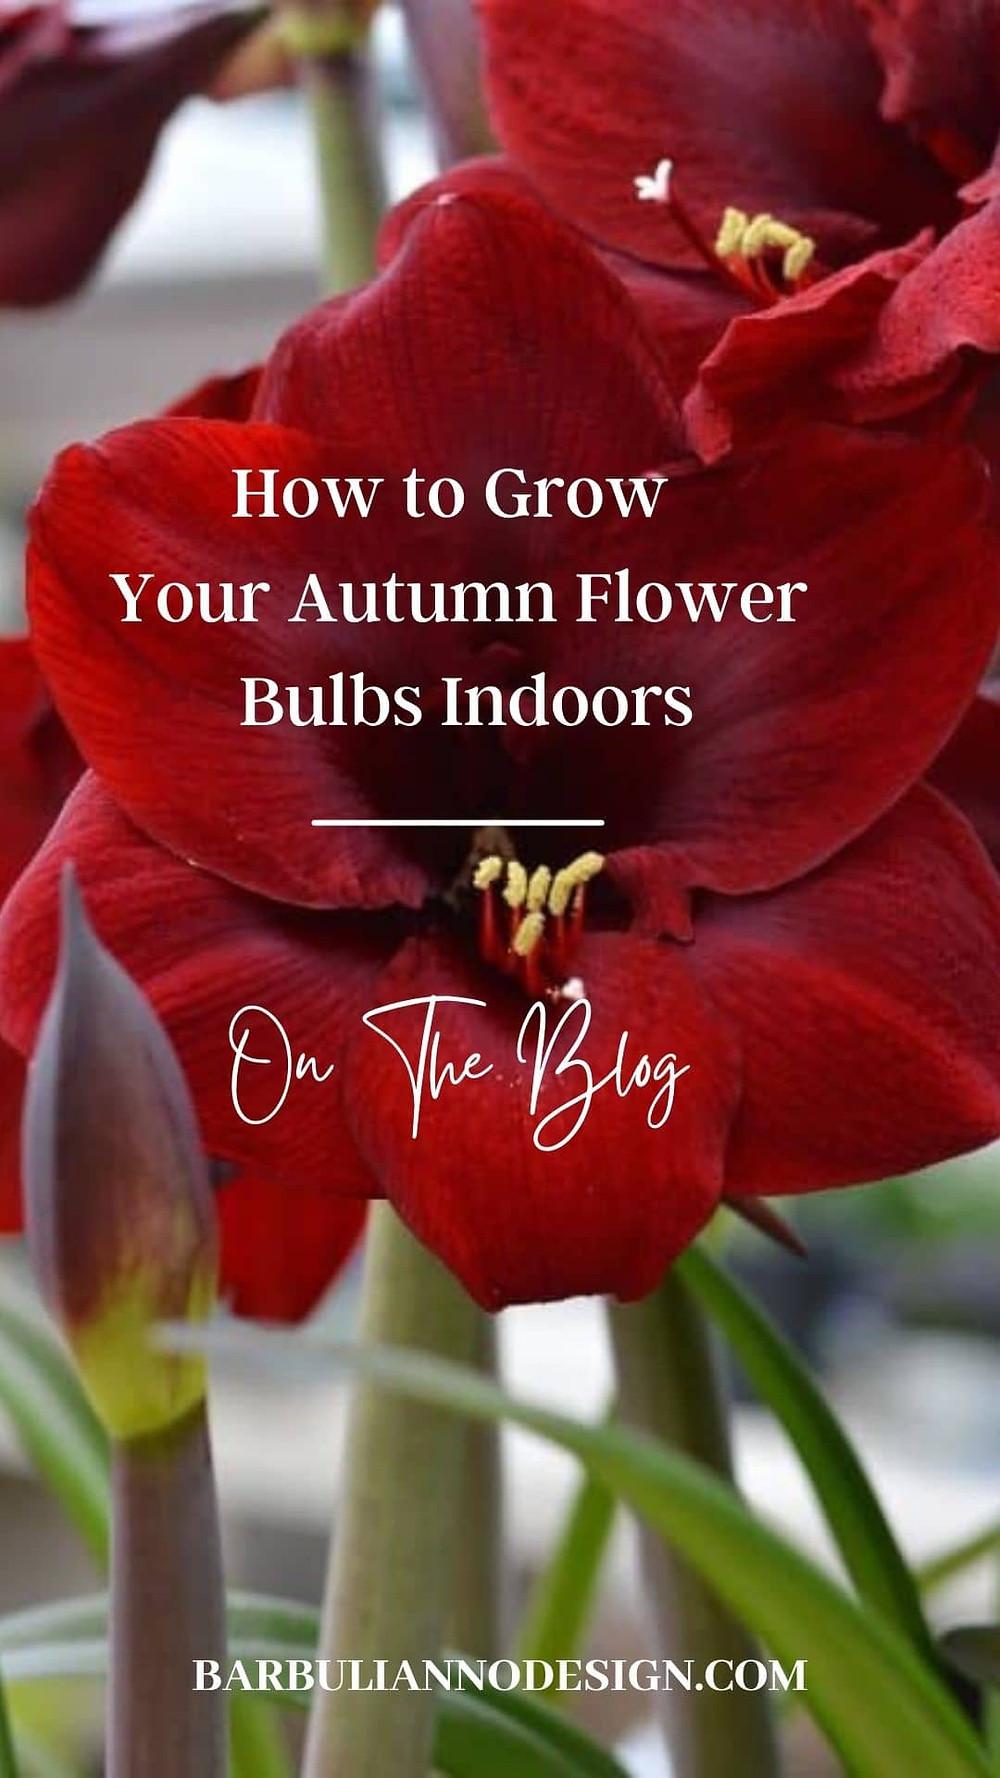 How to grow autumn flower bulbs indoors